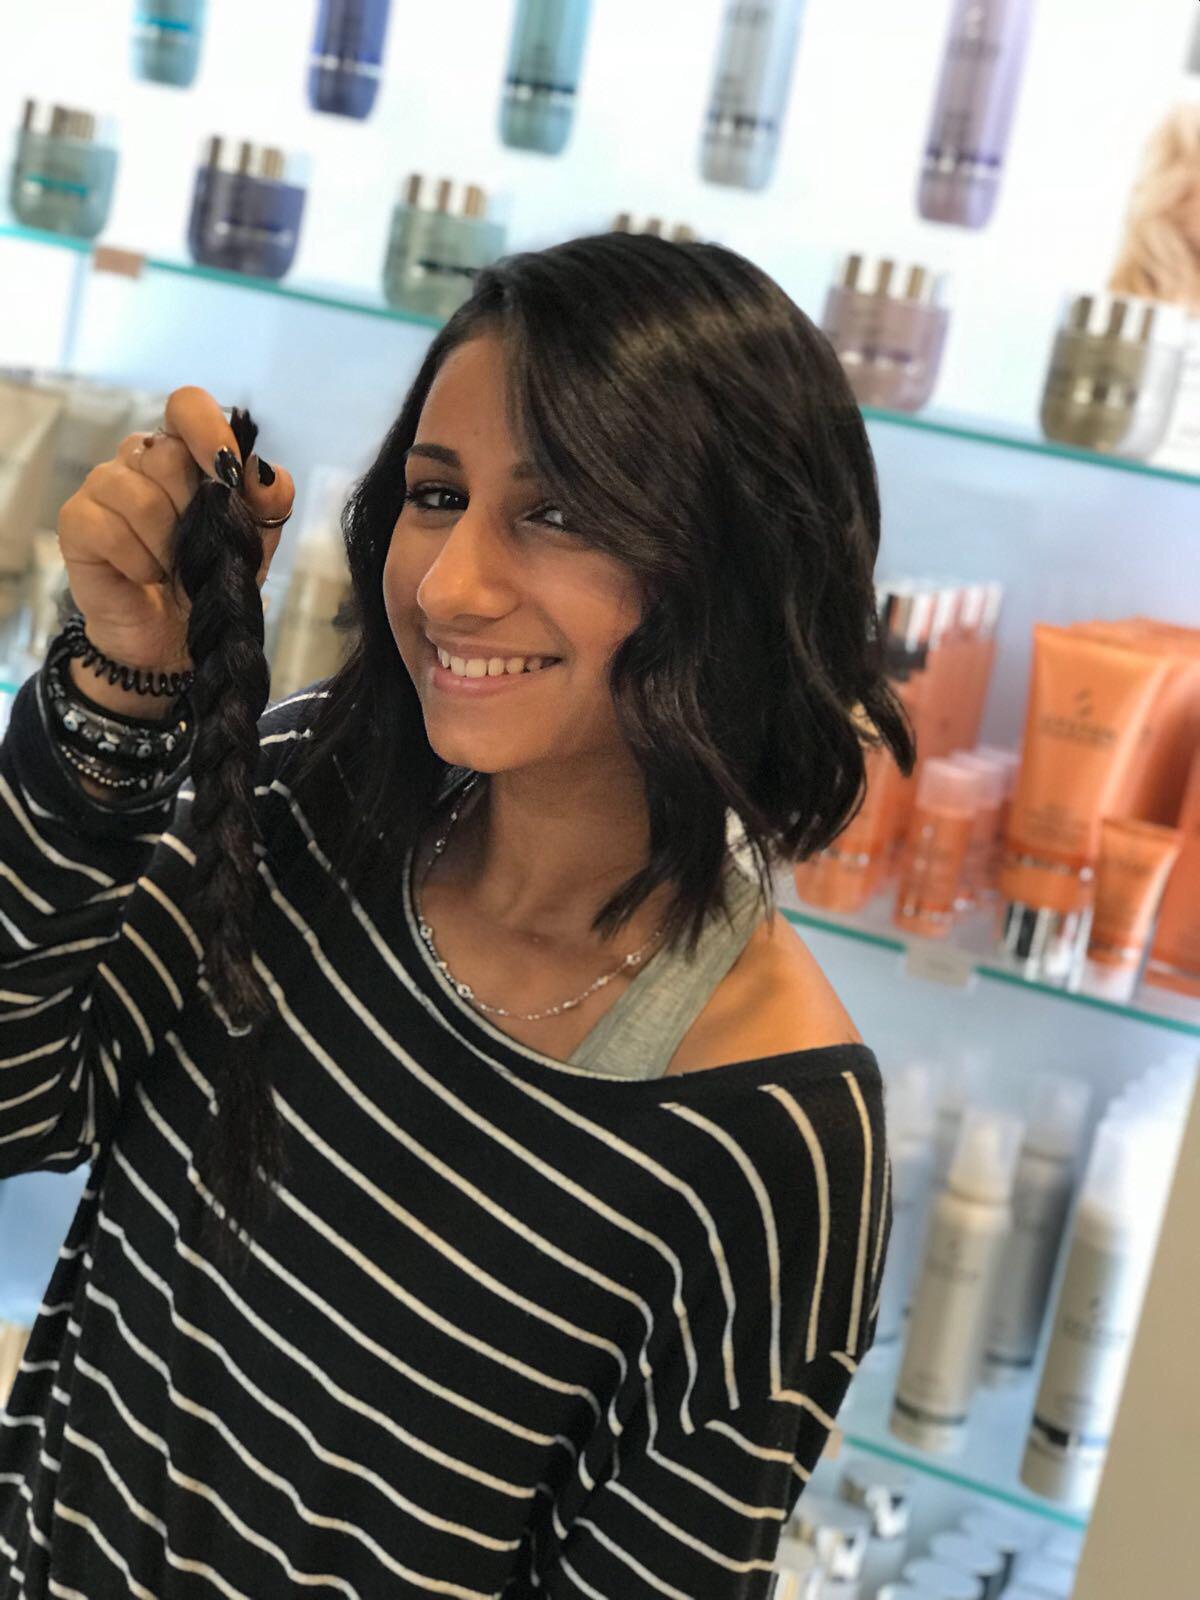 foto di tagli di capelli per donne di 40 anni 2013 prato